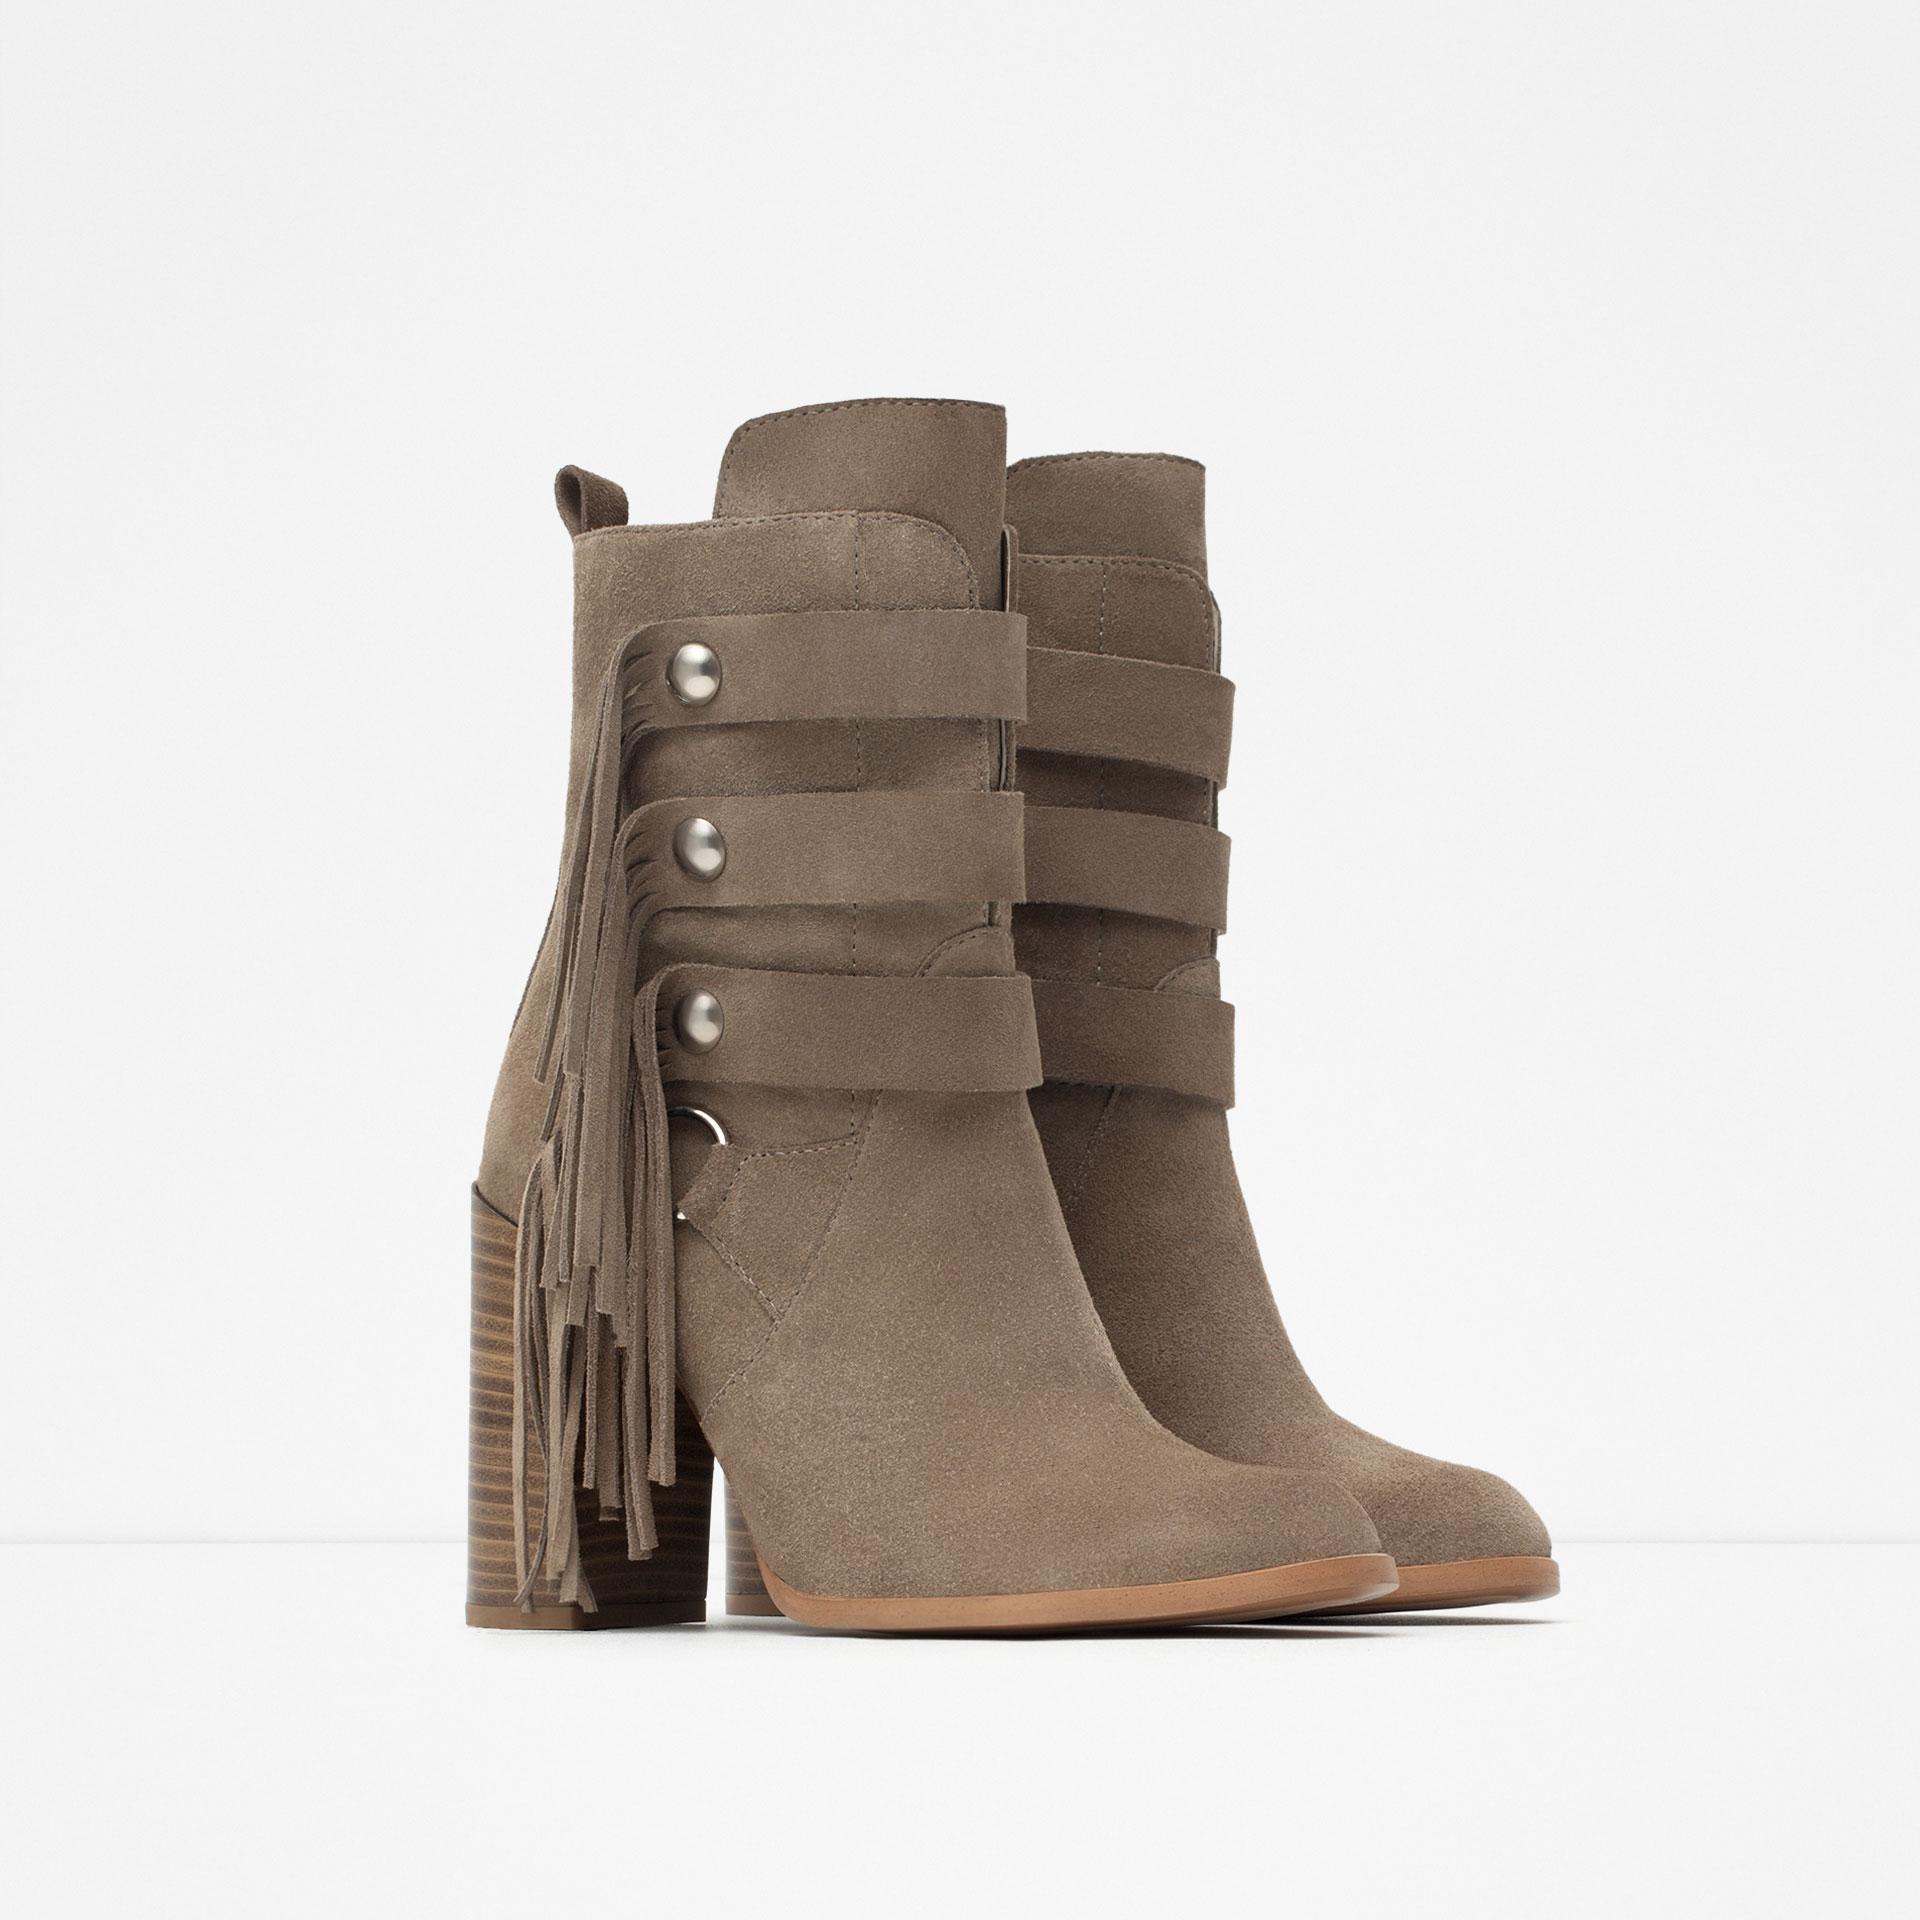 mejor autentico e27e3 d85dd Los 13 zapatos que vas a querer este otoño - Semana